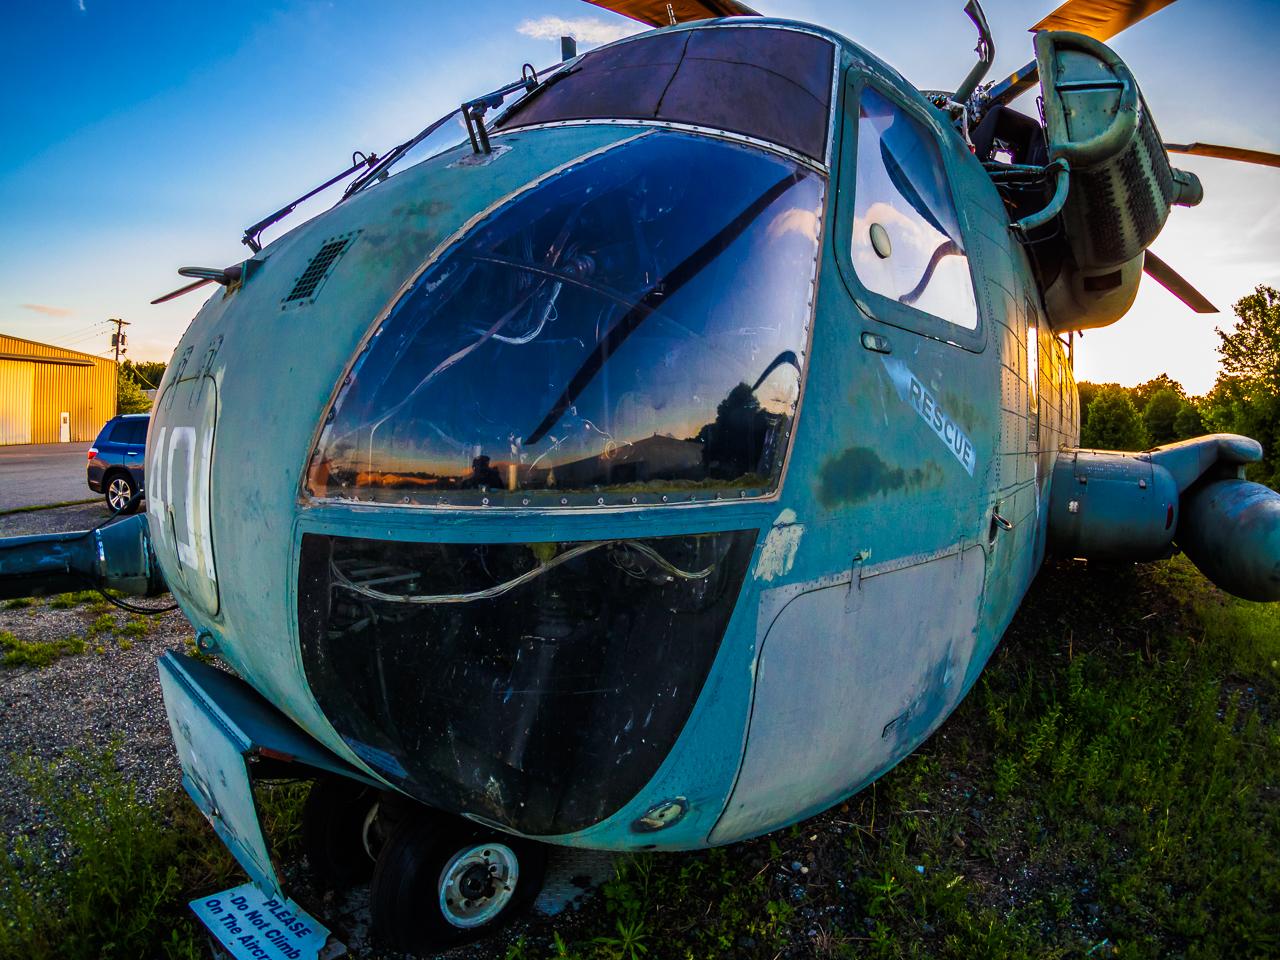 aircraft-5310852